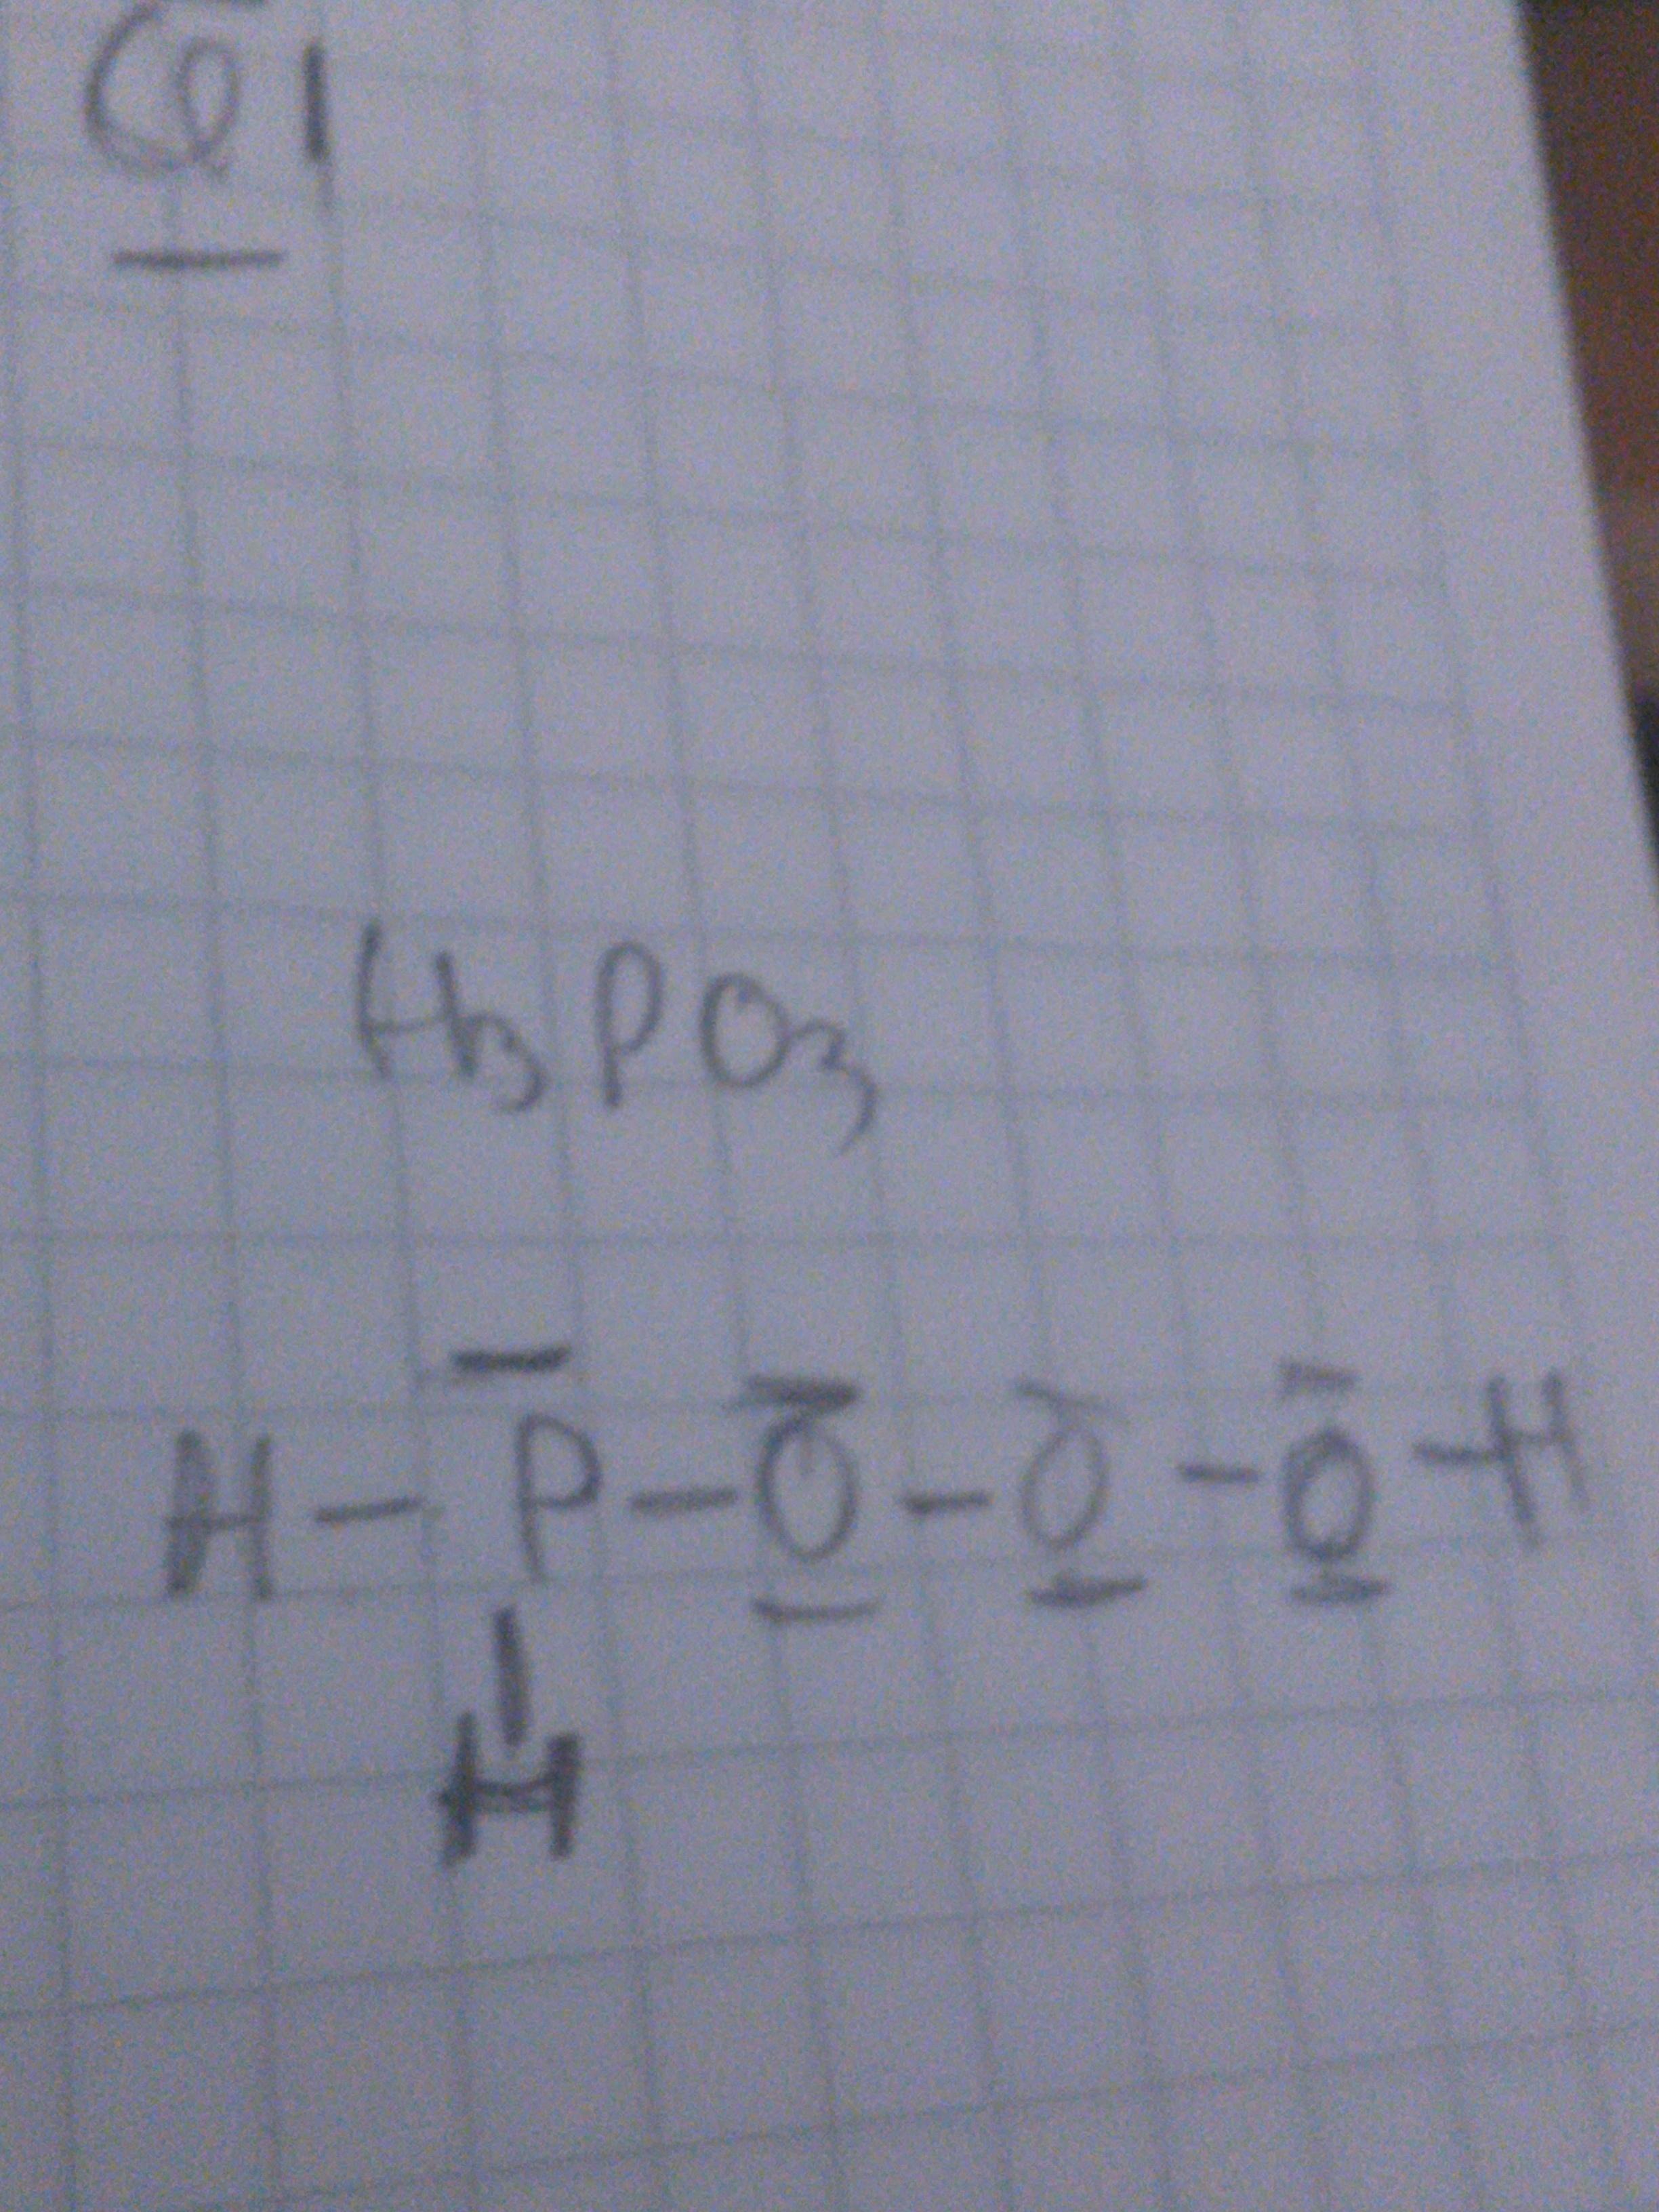 Elabora La Estructura De Lewis Para Los Siguientes Sustancias Hclo3 C2h2 H3po3 Cao Hcn Brainly Lat